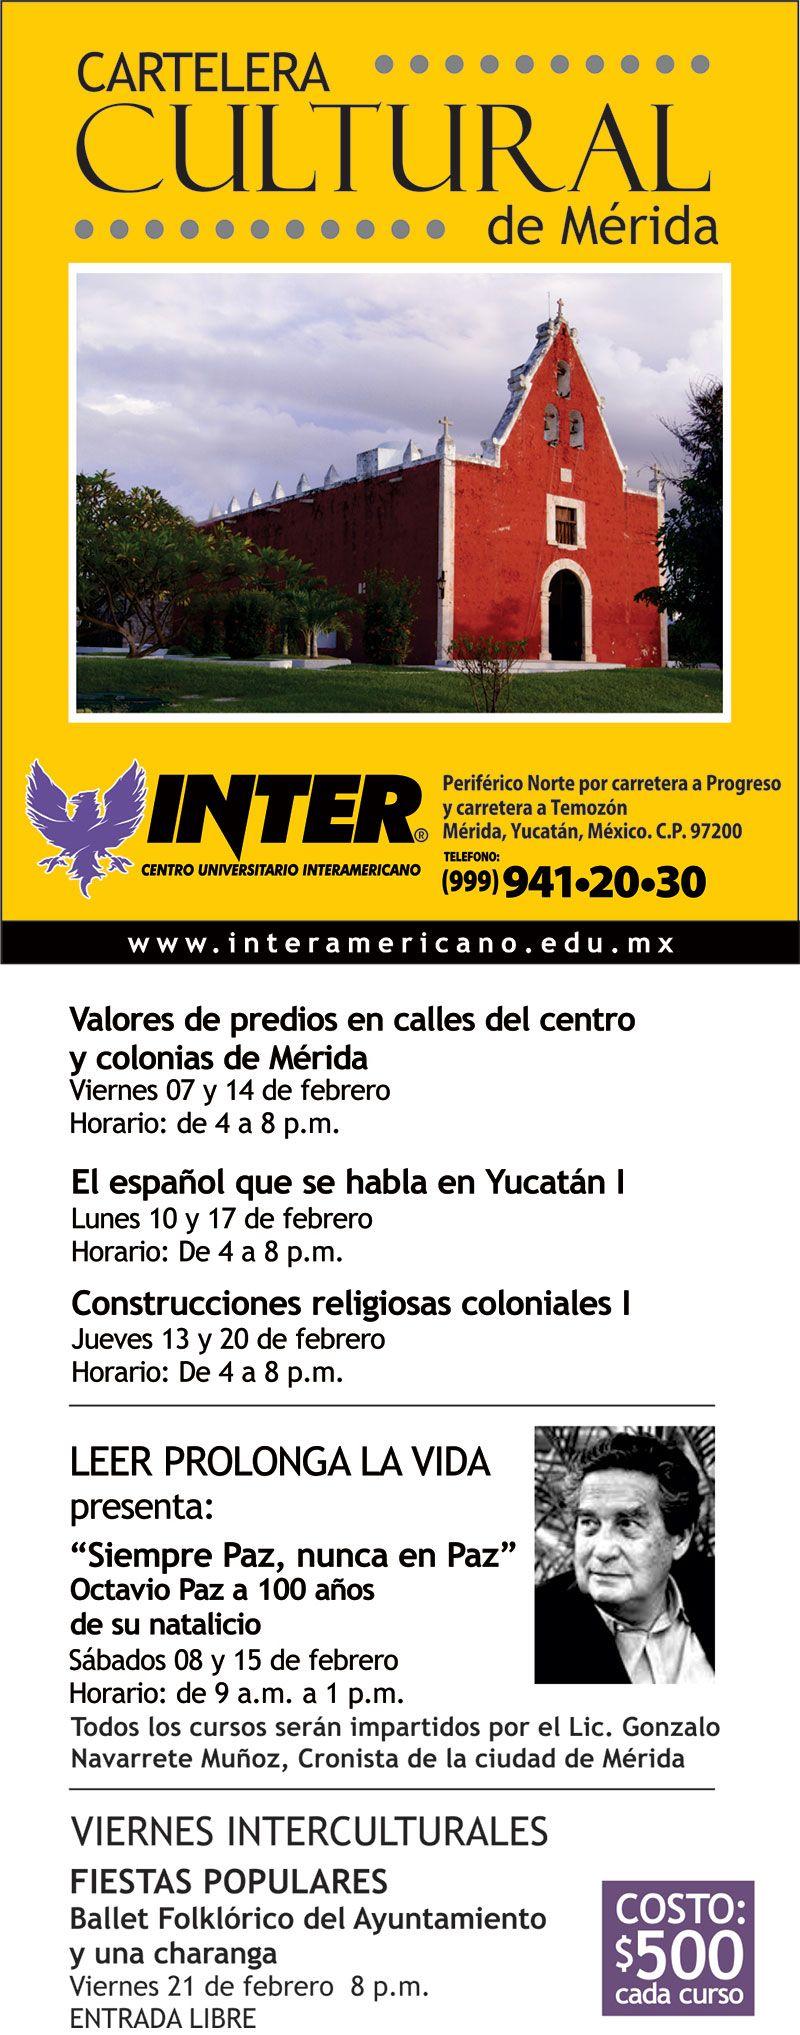 CARTELERA CULTURAL DE MÉRIDA: FEBRERO 2014